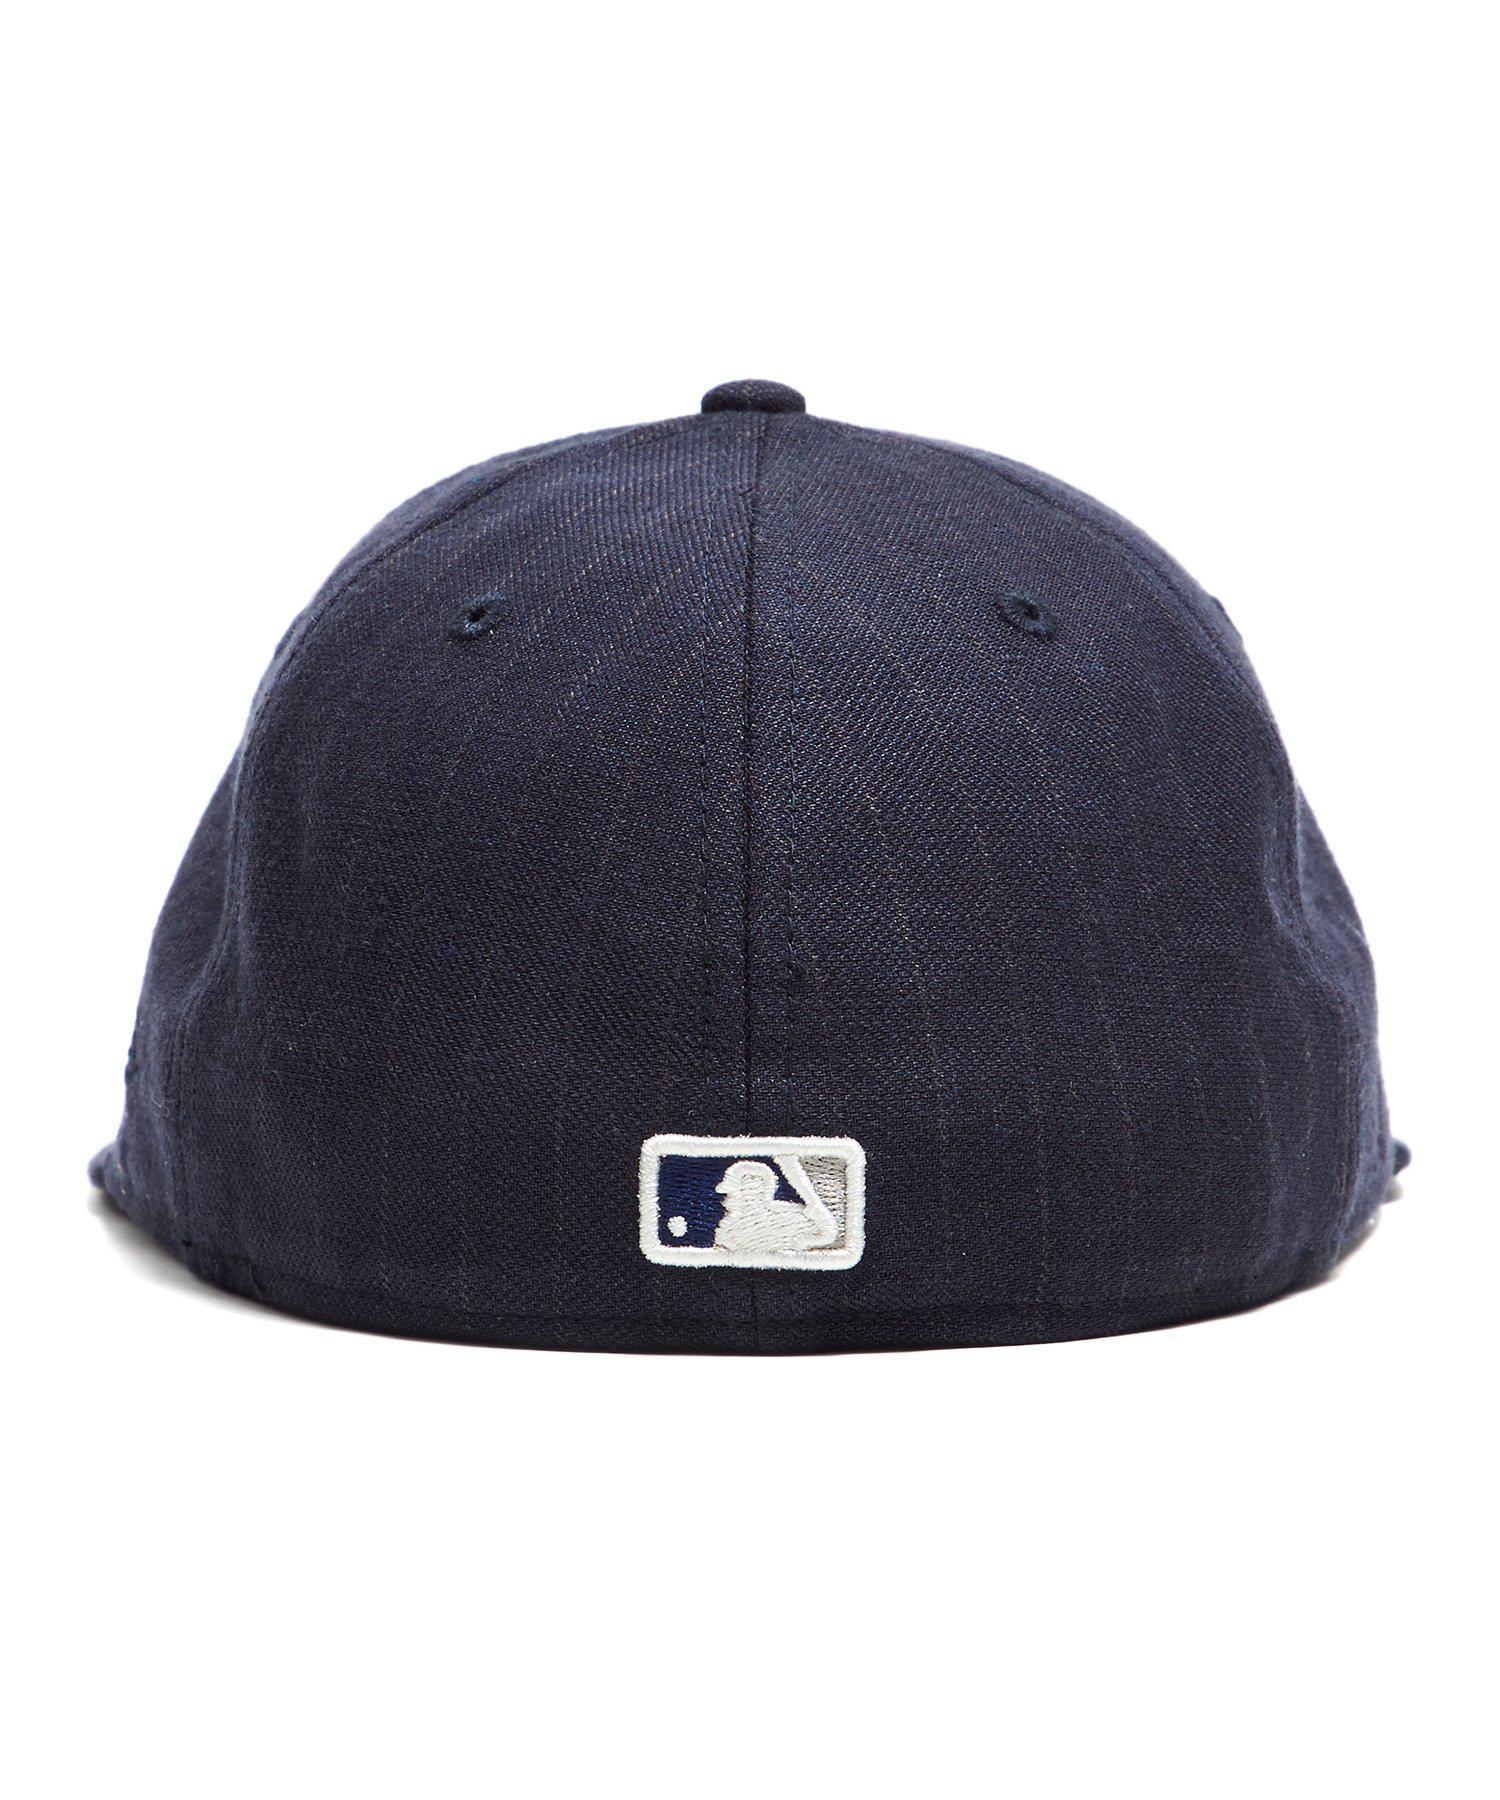 4ba0a000100 NEW ERA HATS - Blue La Dodgers Cap In Navy Pinstripe for Men - Lyst. View  fullscreen